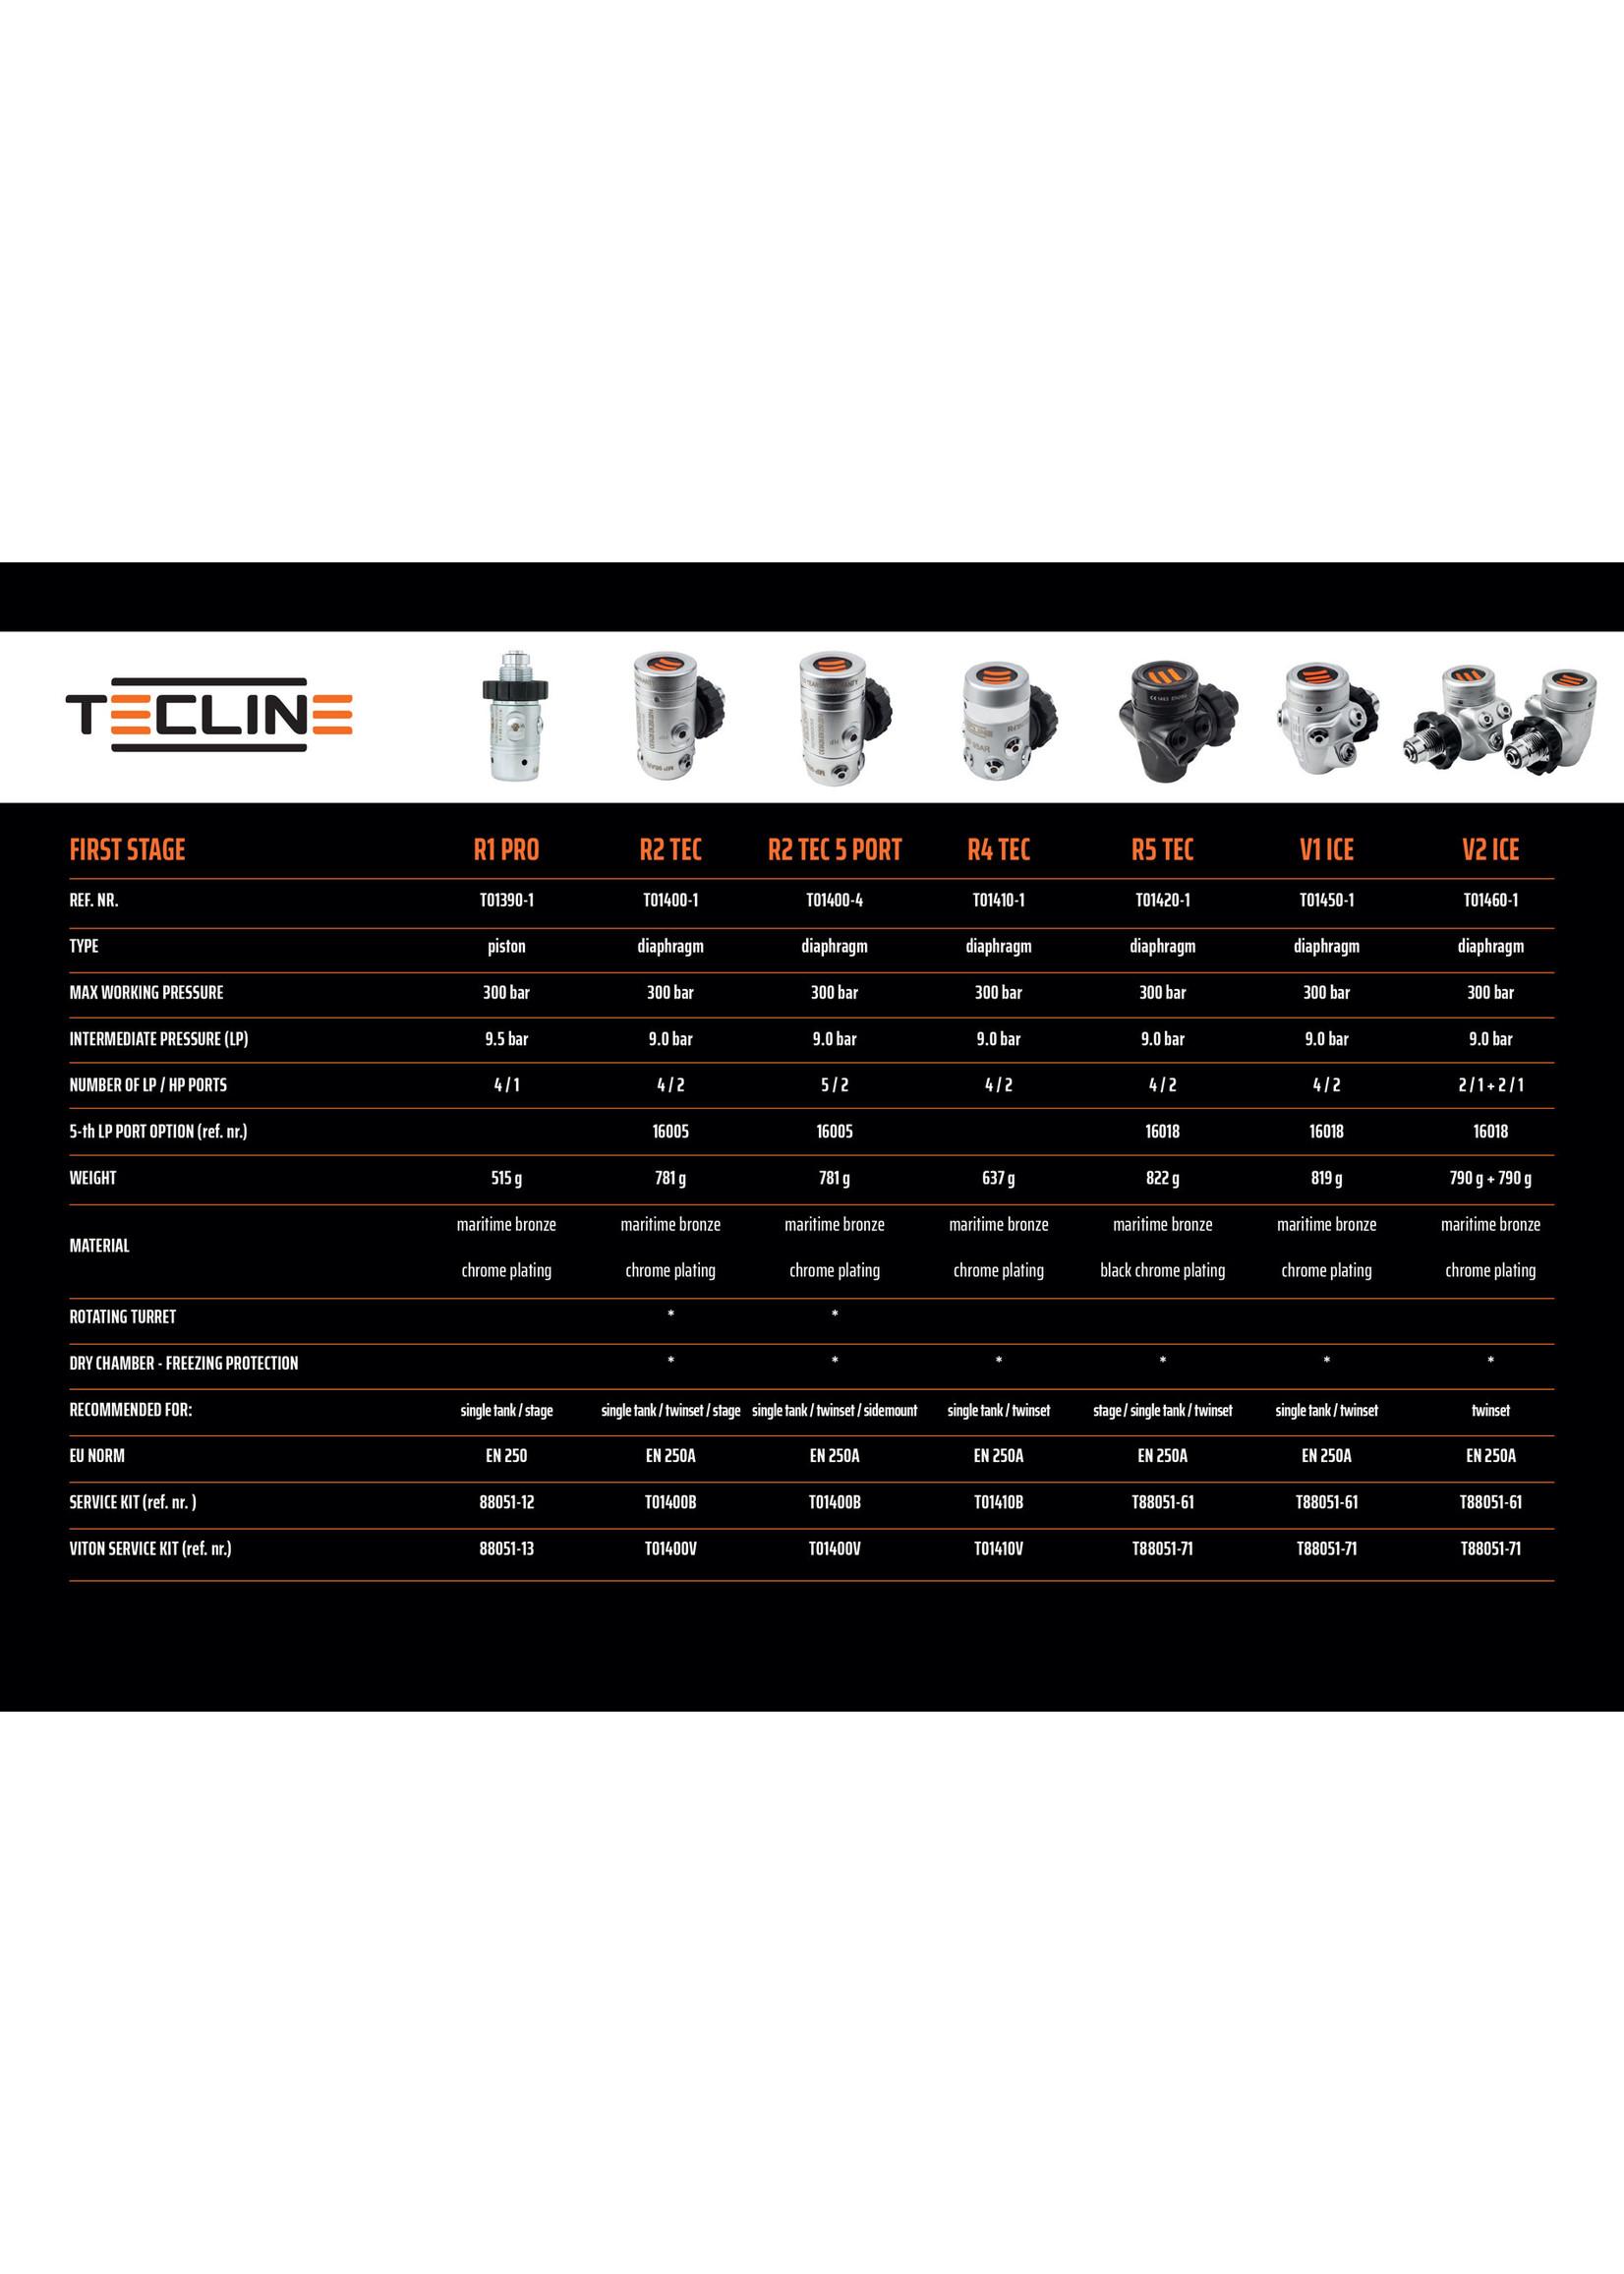 TecLine Tecline 1st Stage R2 TEC 5port - DIN